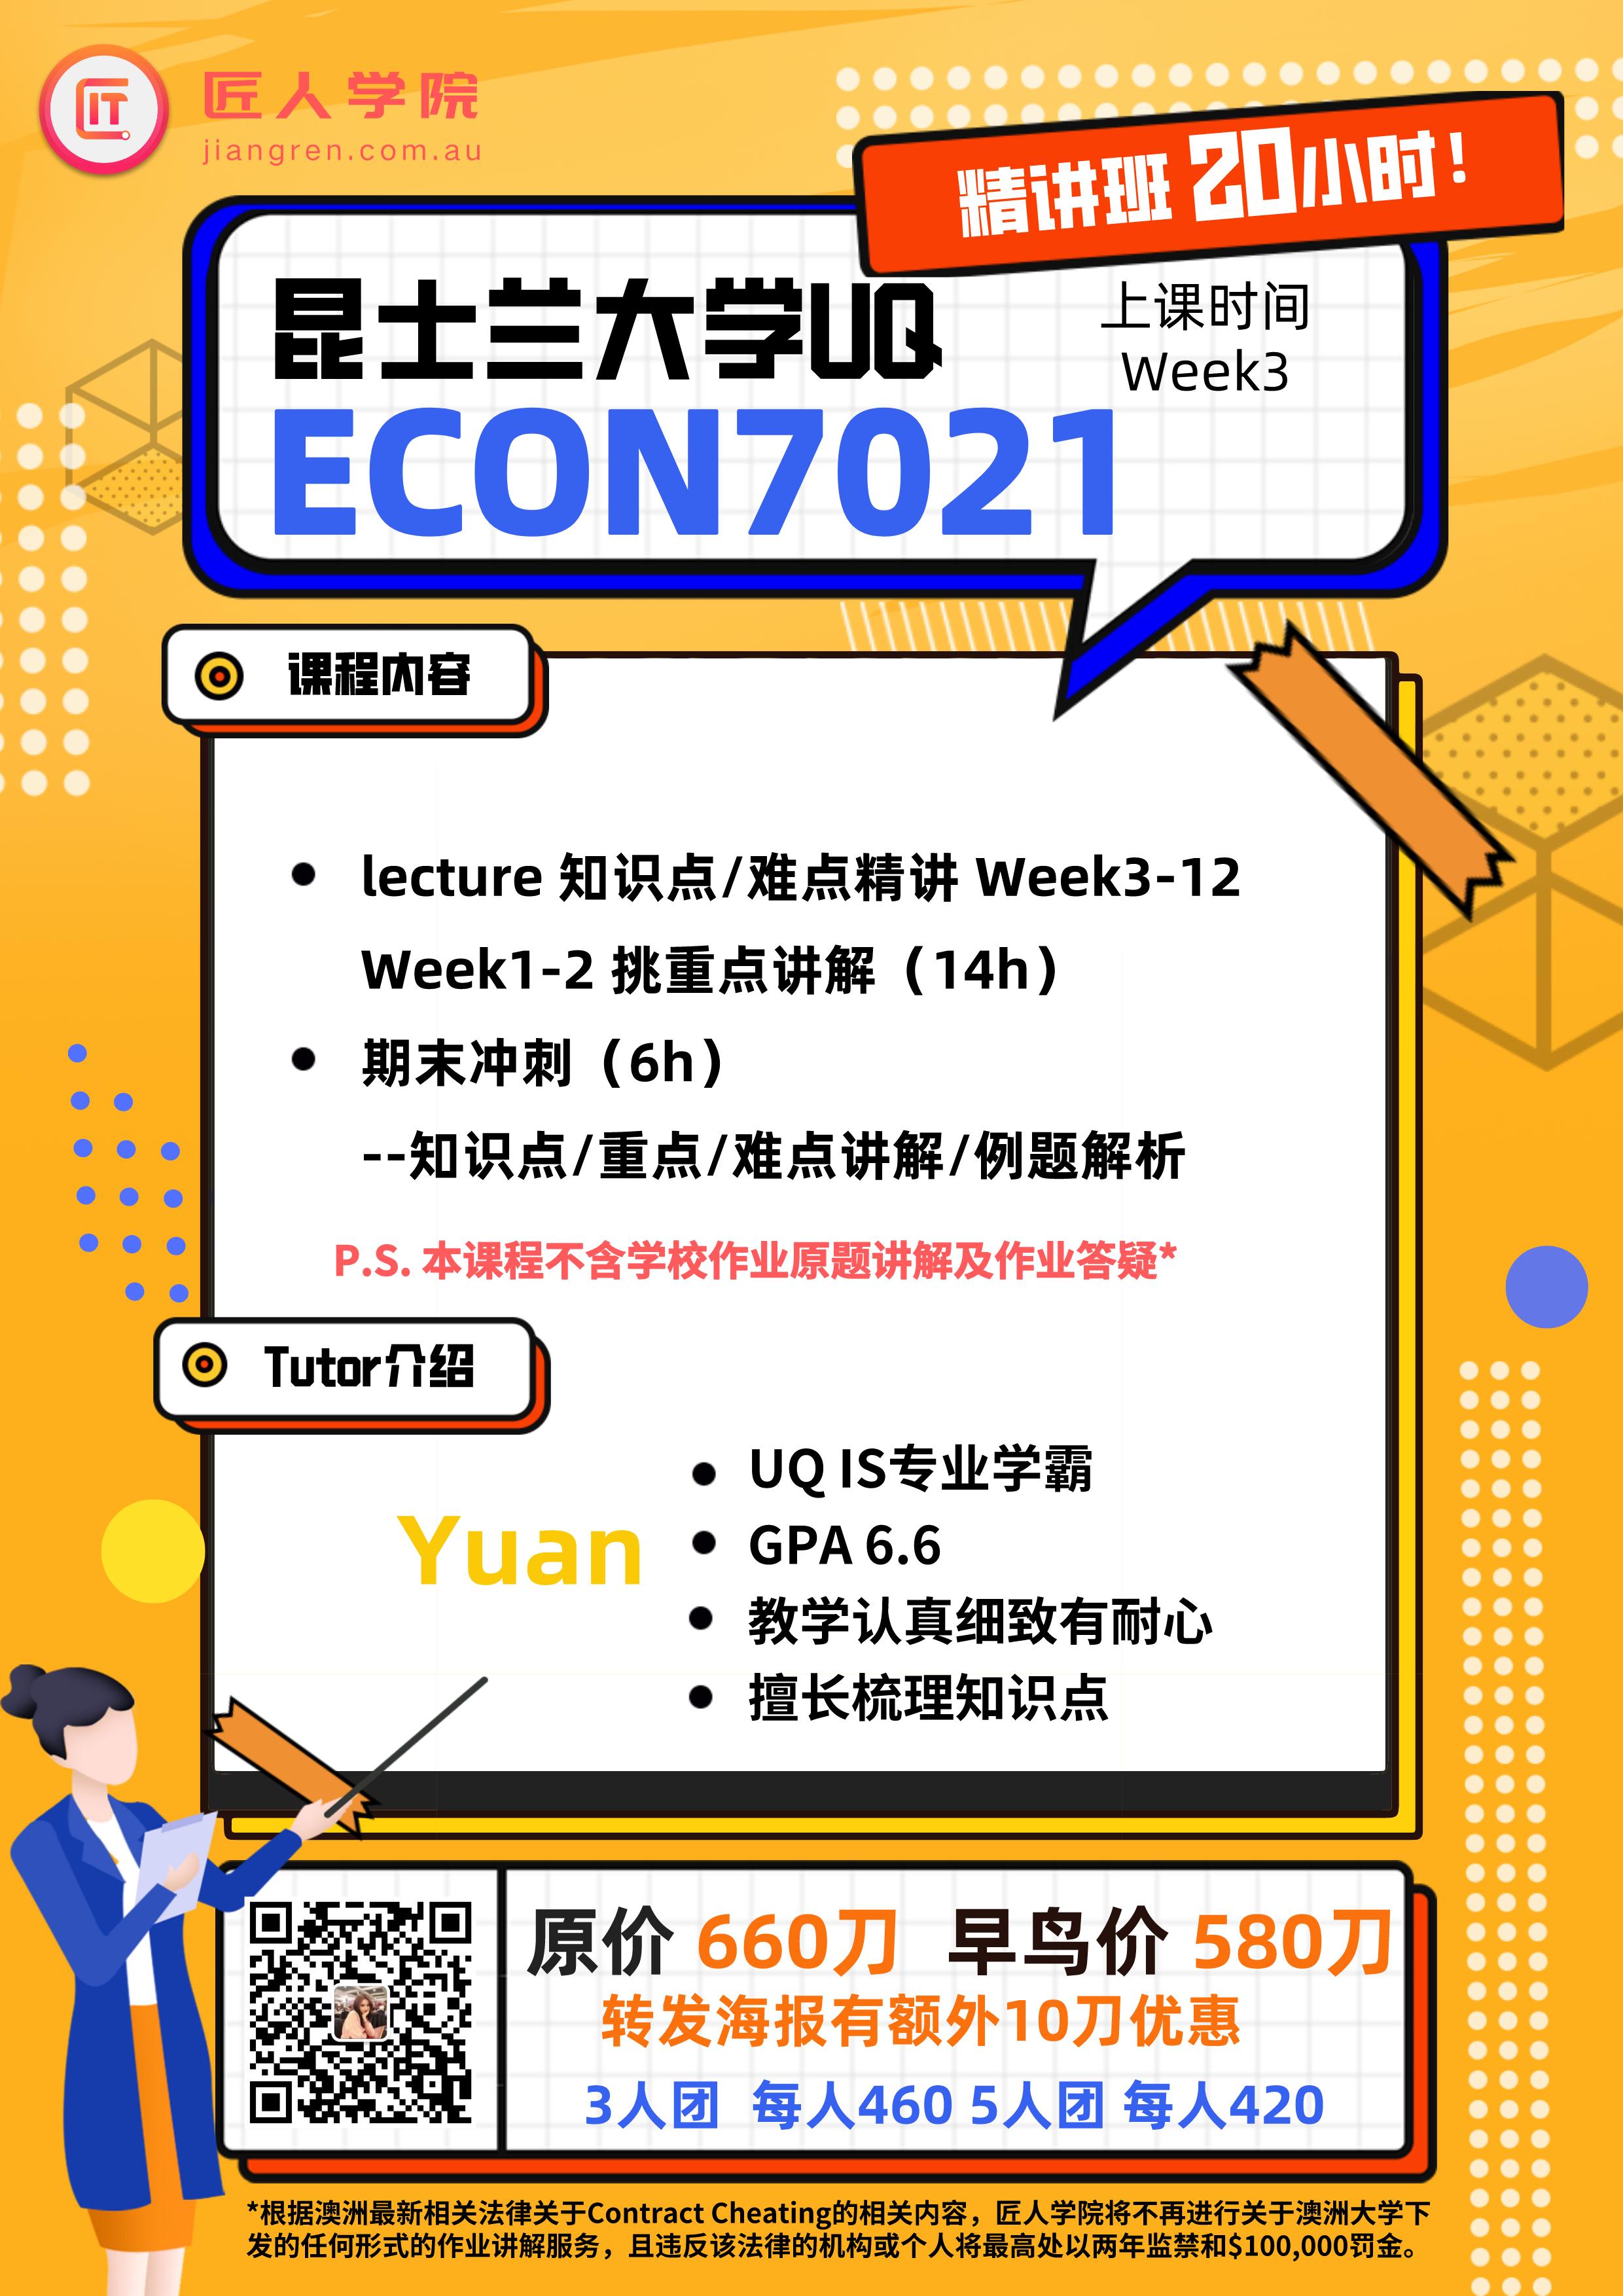 ECON7021精讲班21S1